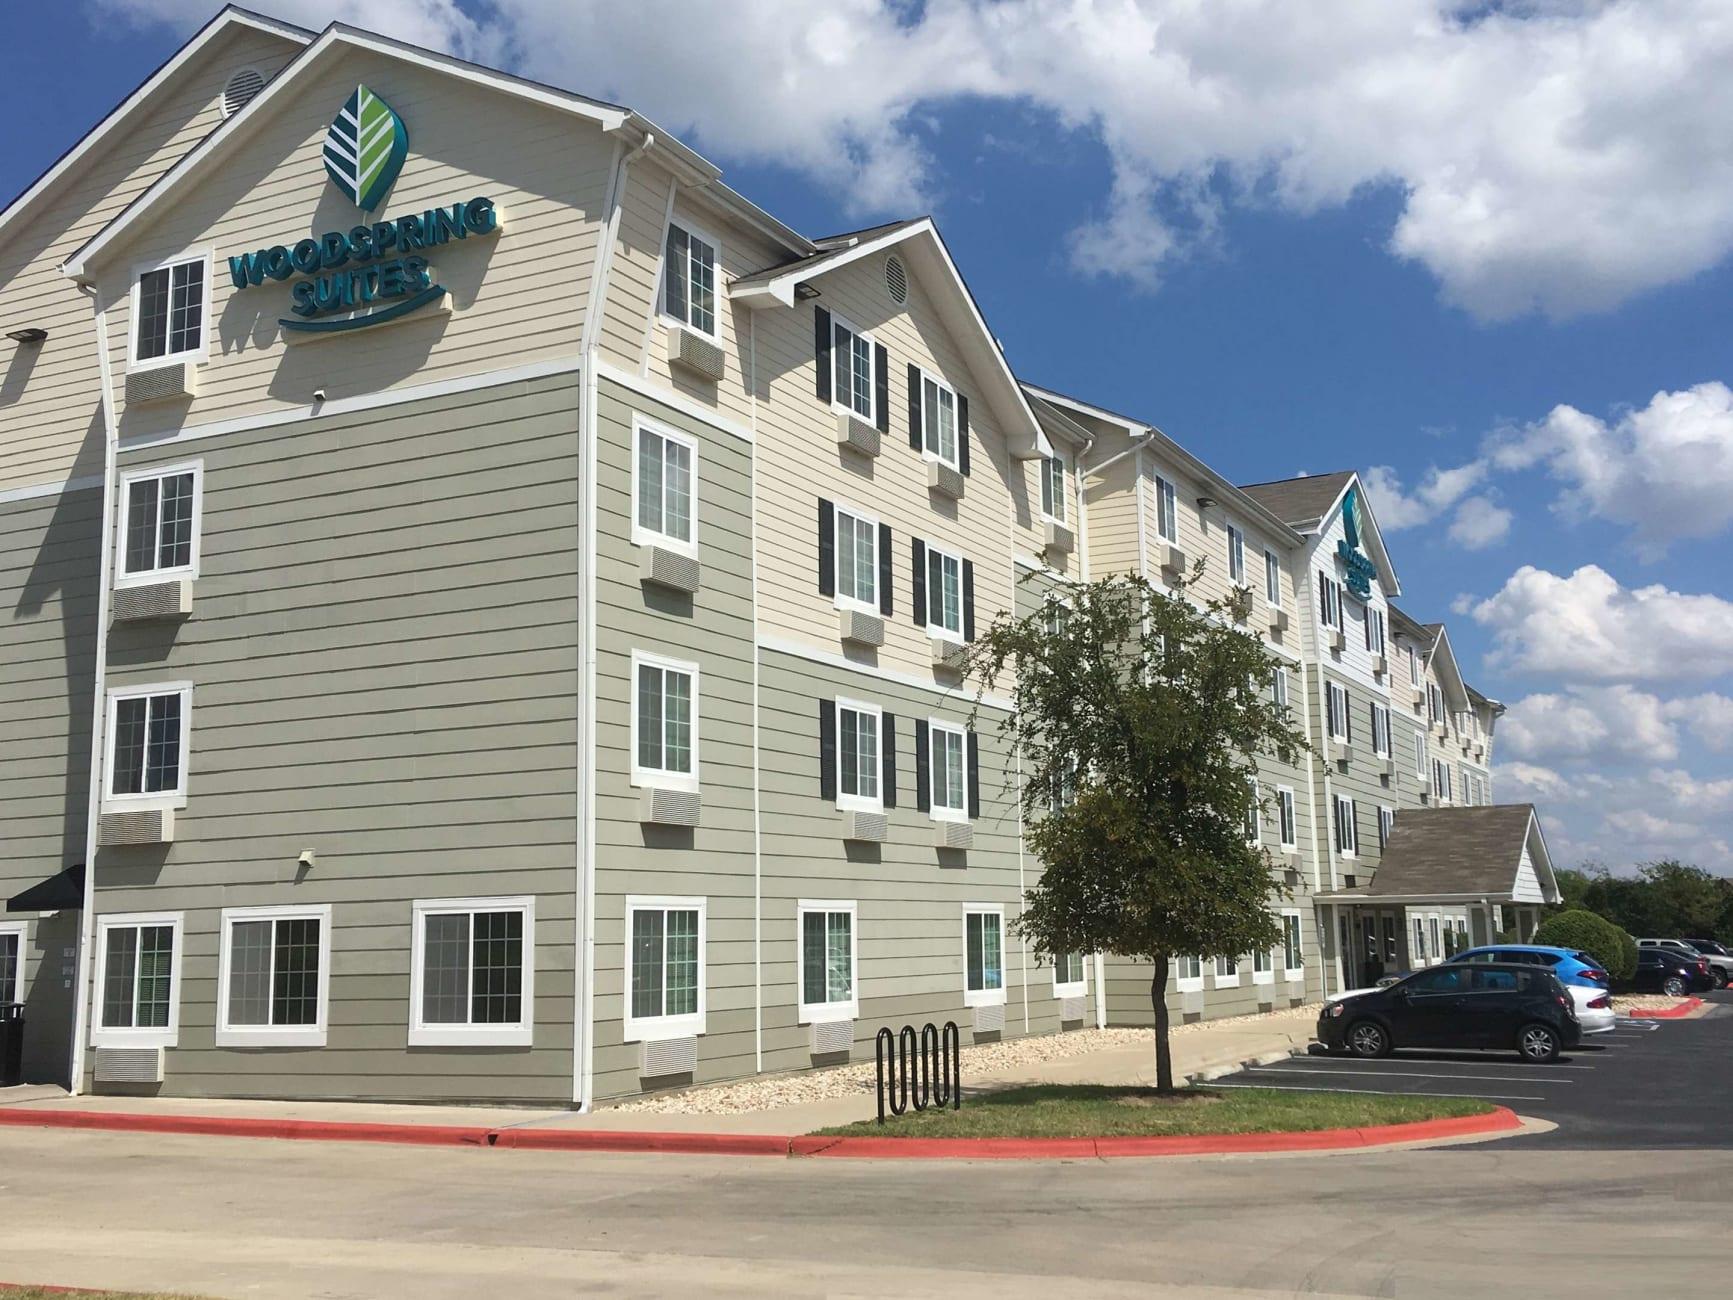 Woodspring Suites Corpus Christi, Texas - Trivago - Map Of Hotels In Corpus Christi Texas